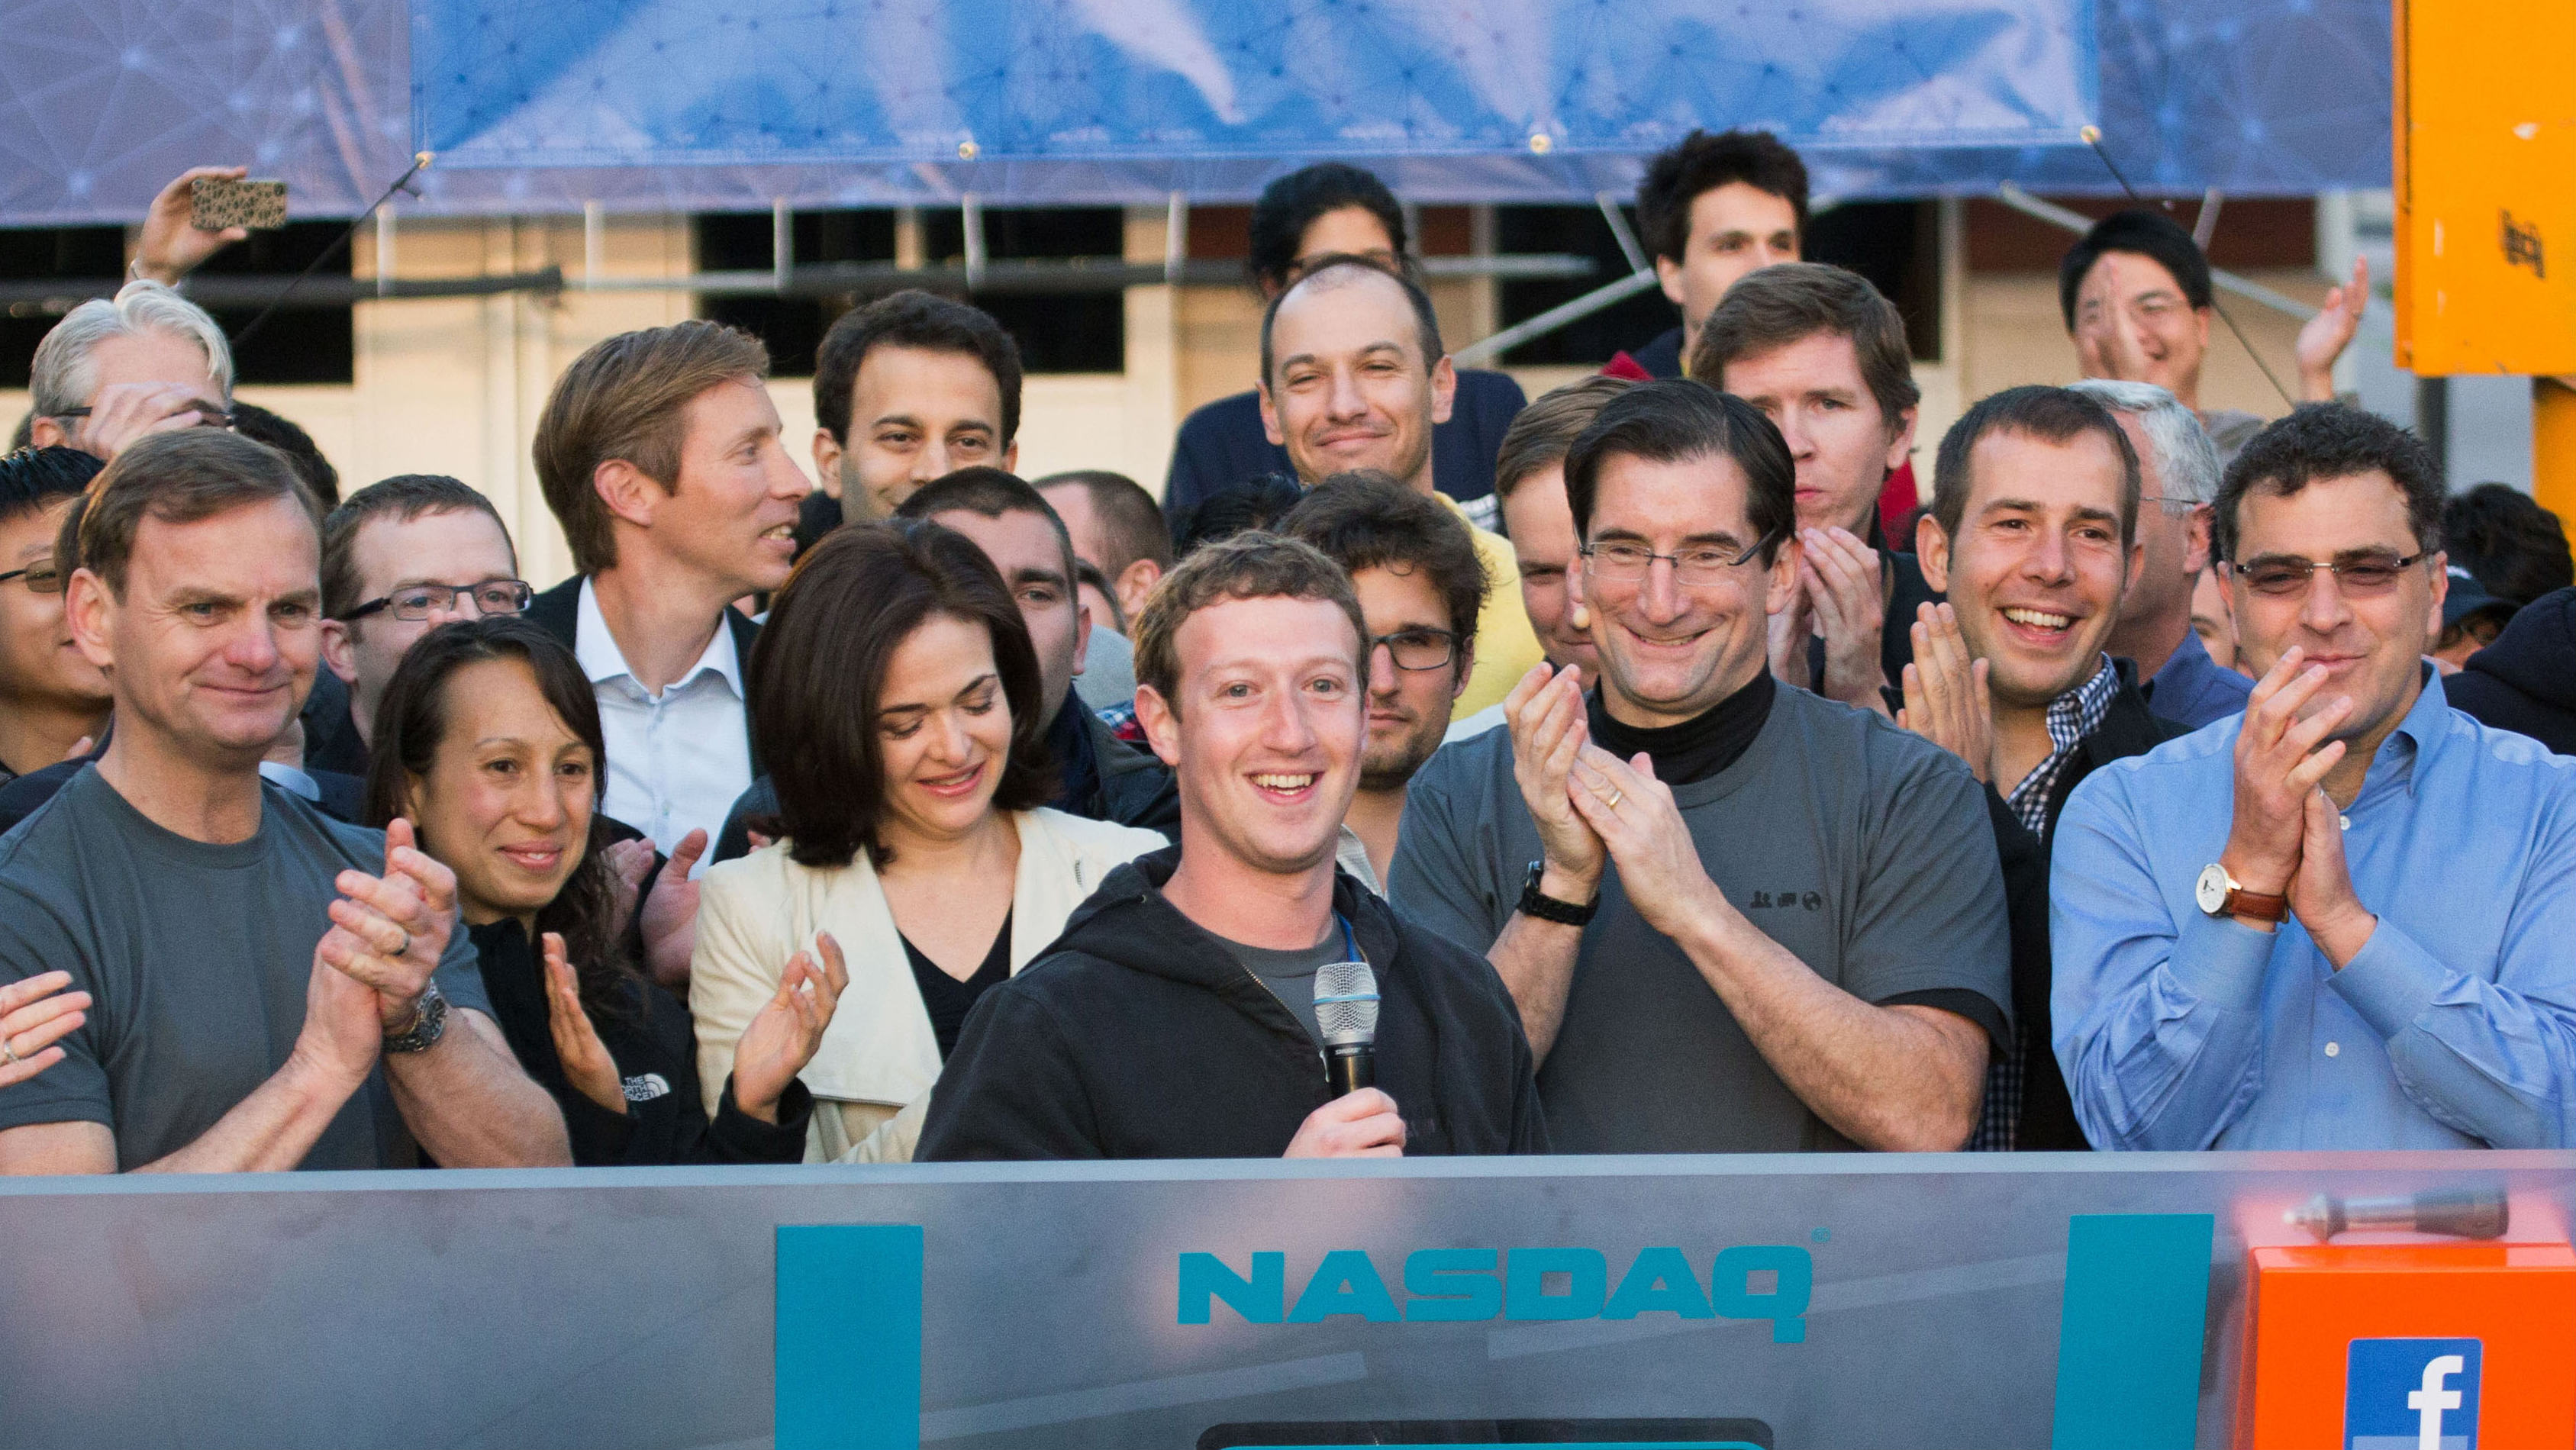 Facbook IPO Nasdaq